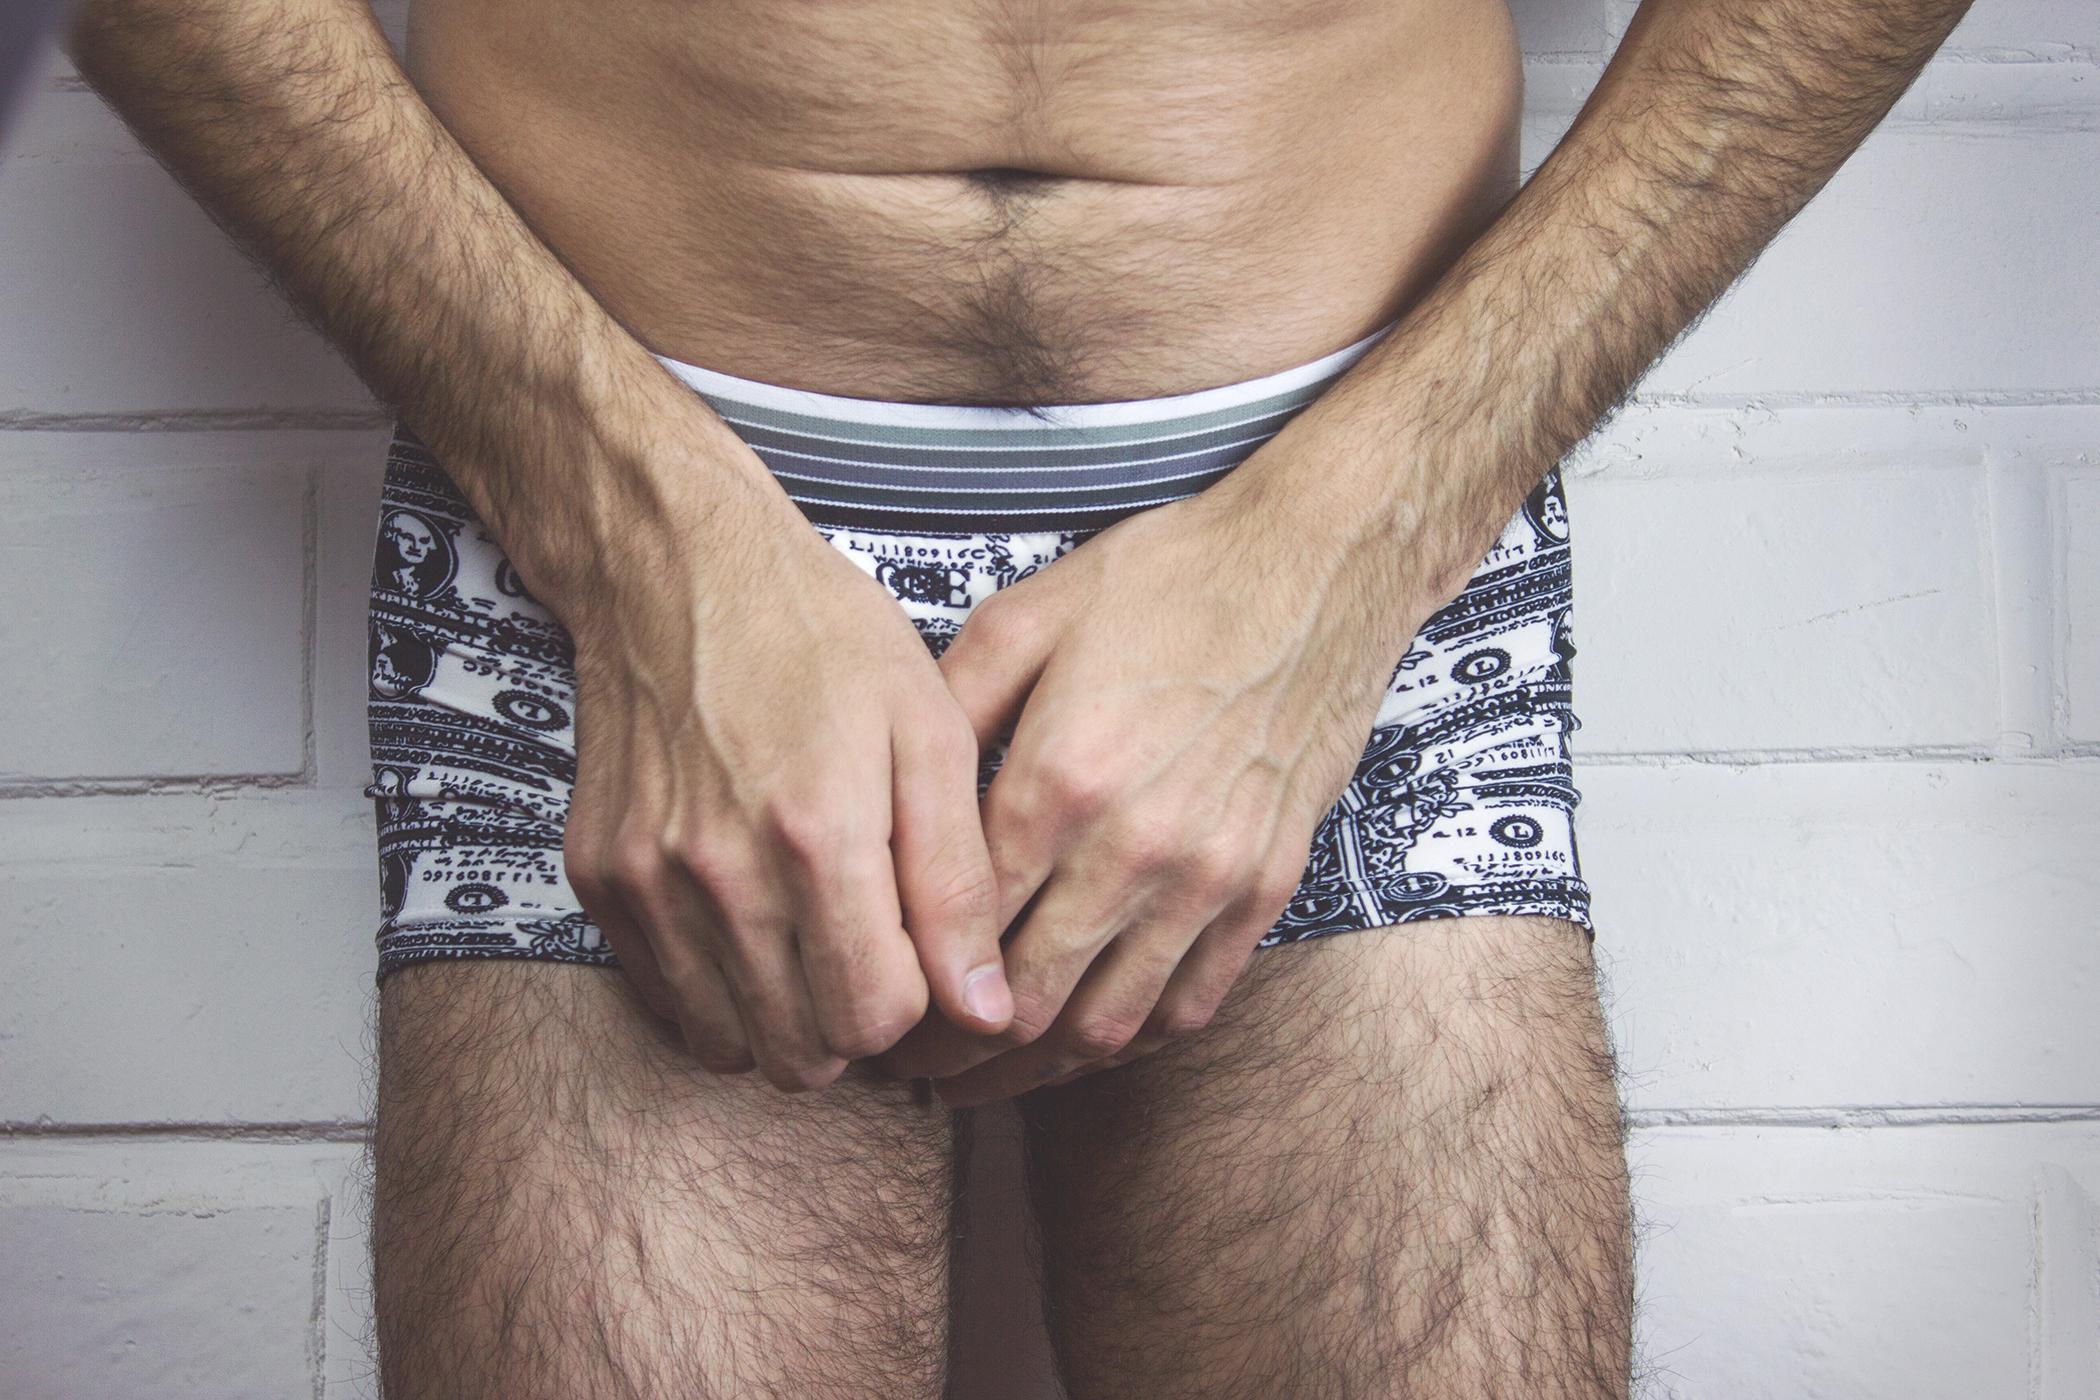 mi segítheti a pénisz növekedését)